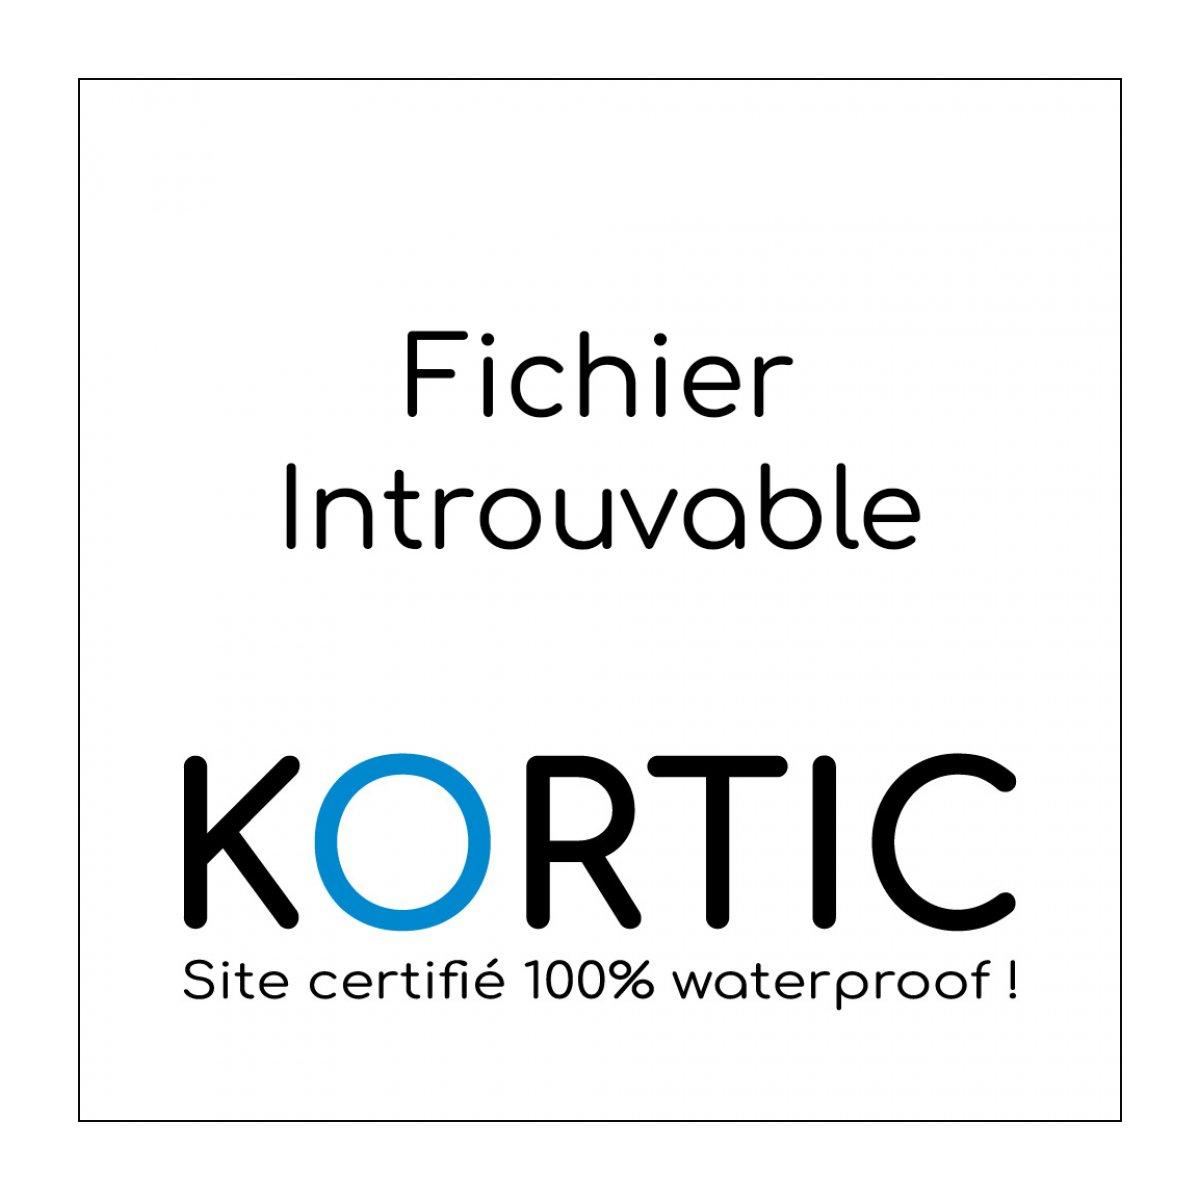 jeune homme artiste de cirque effectuant une figure sur un ruban de tissu